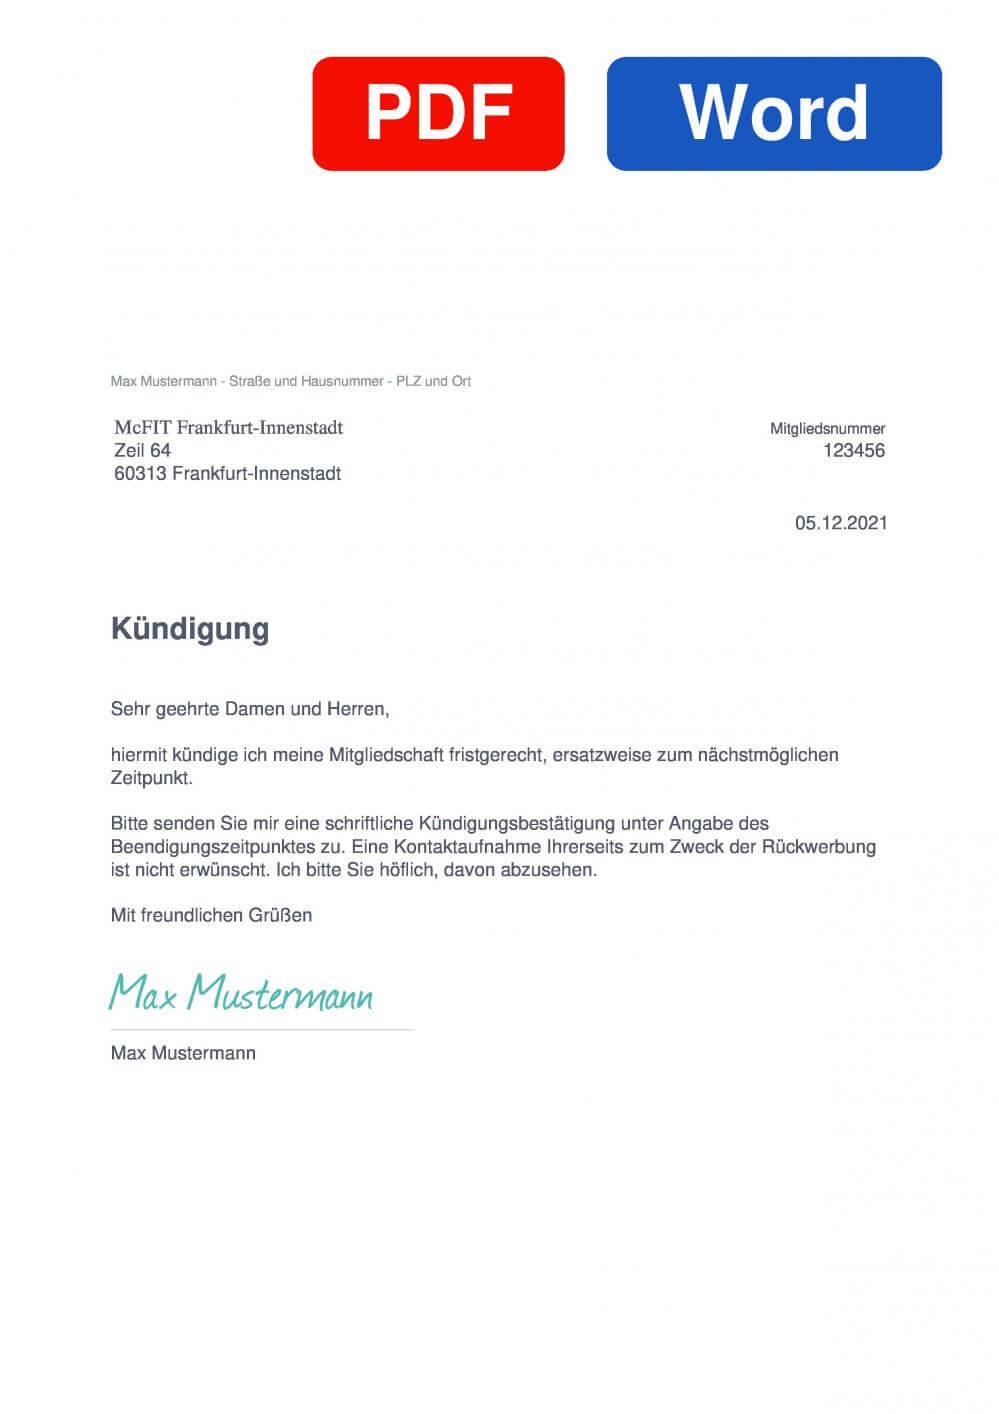 McFIT Frankfurt-Innenstadt Muster Vorlage für Kündigungsschreiben